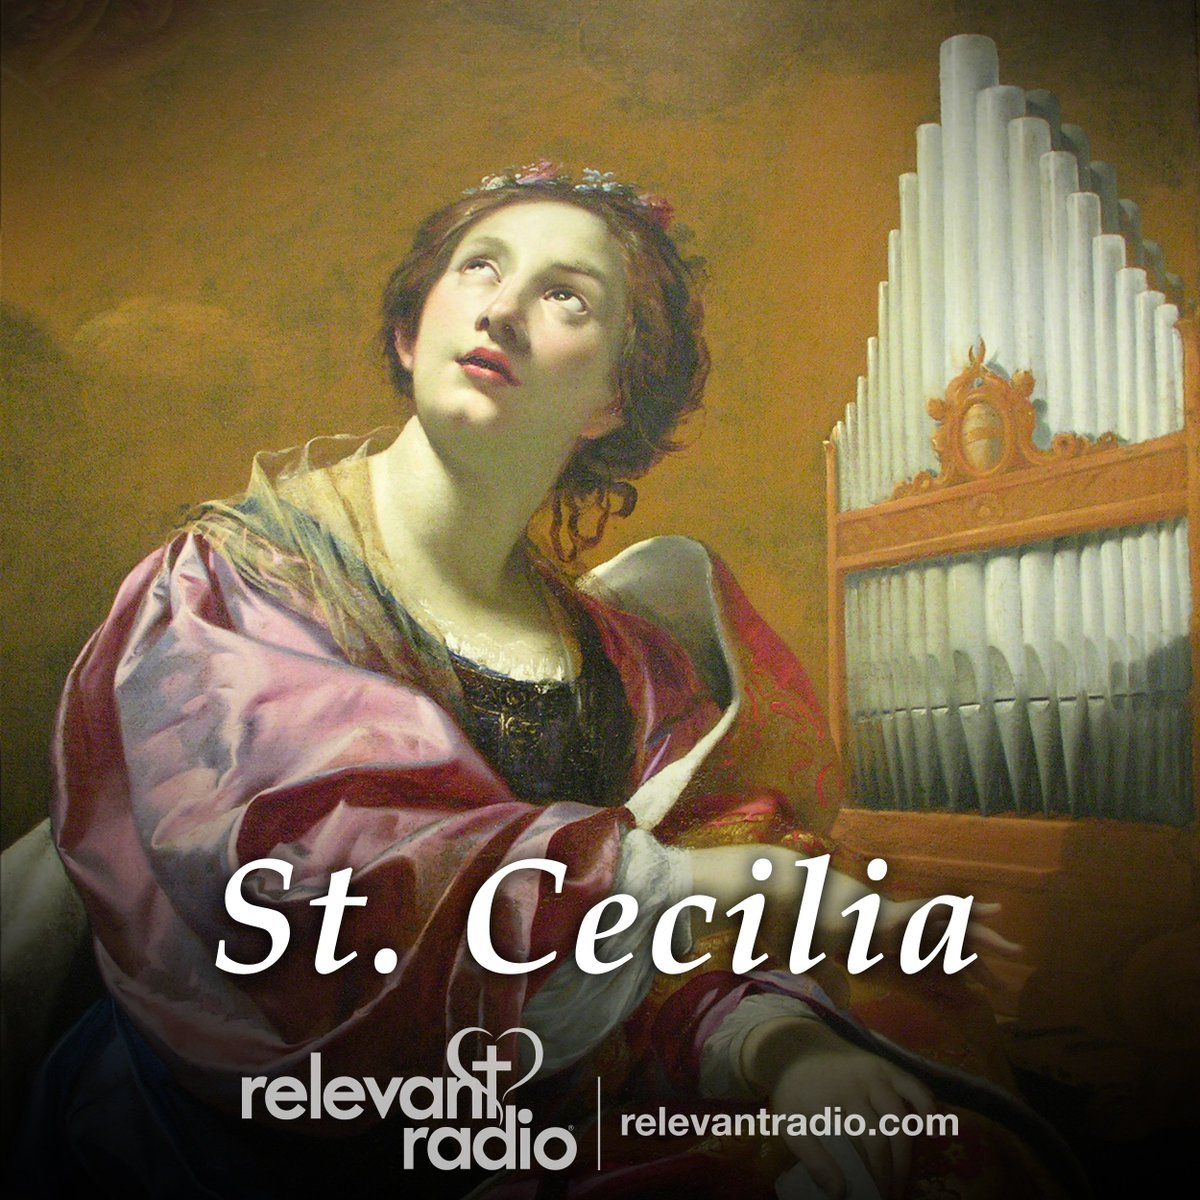 @relevantradio's photo on St. Cecilia